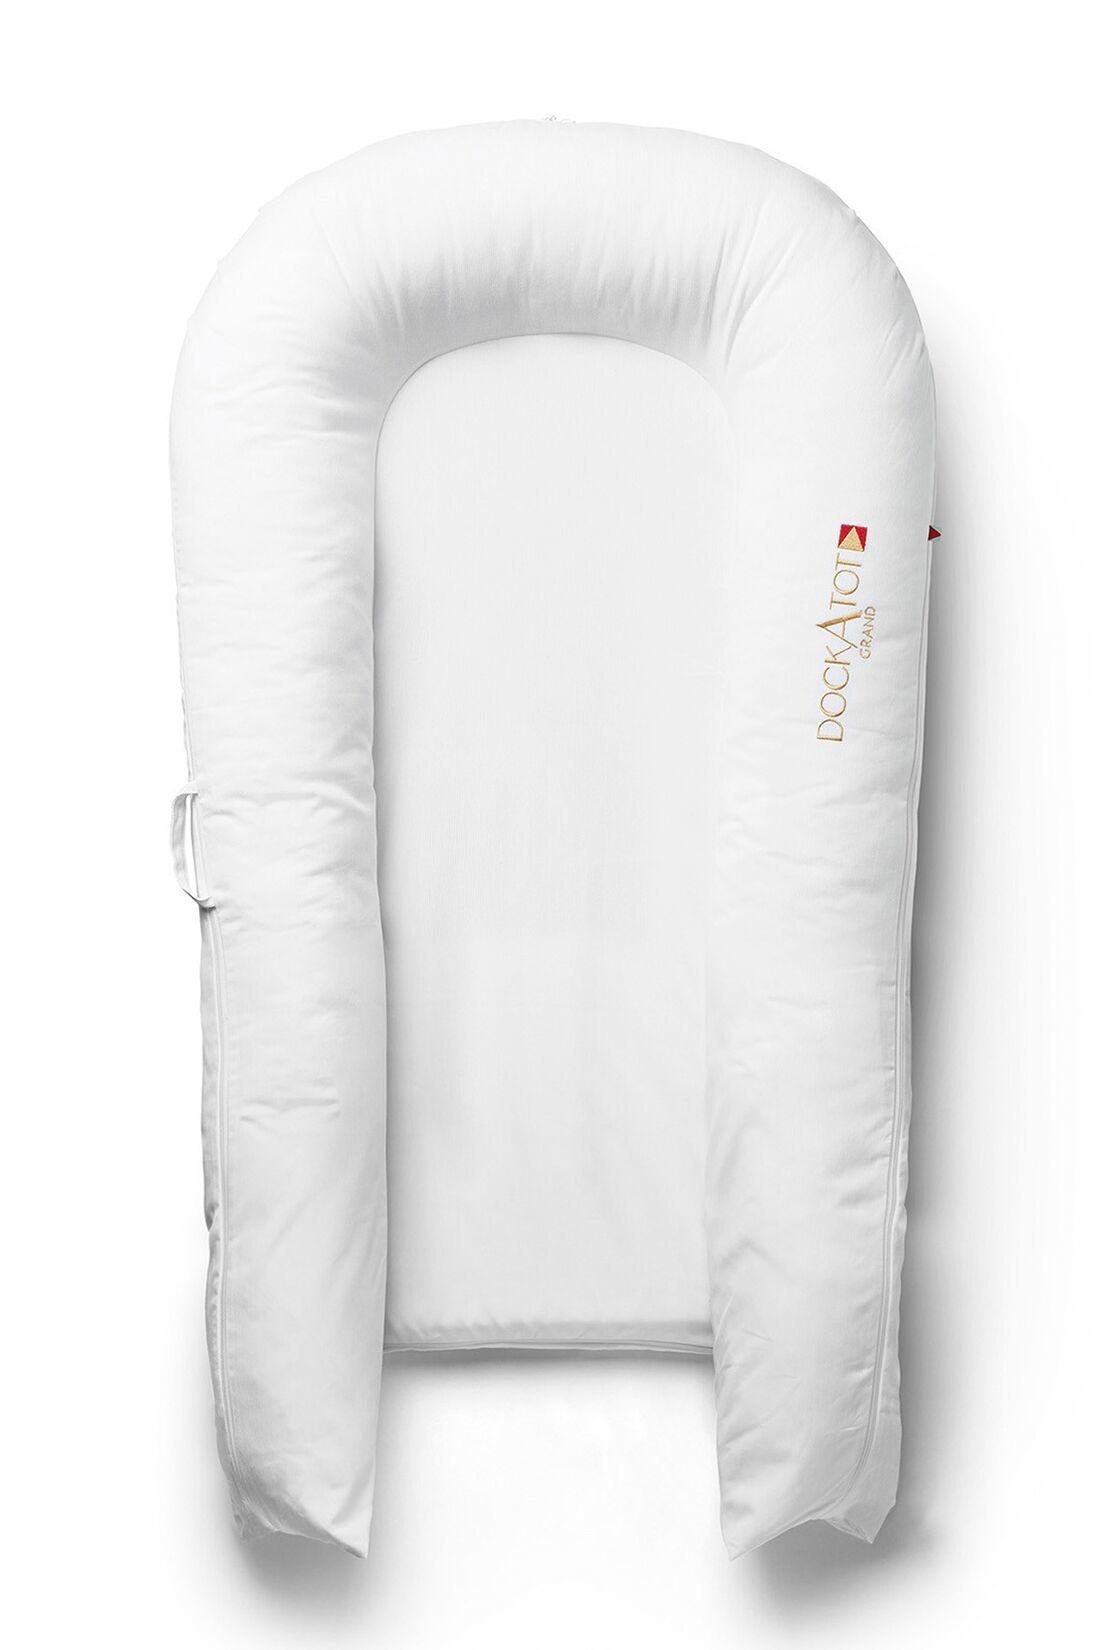 DockATot Deluxe+ Dock - Pristine White